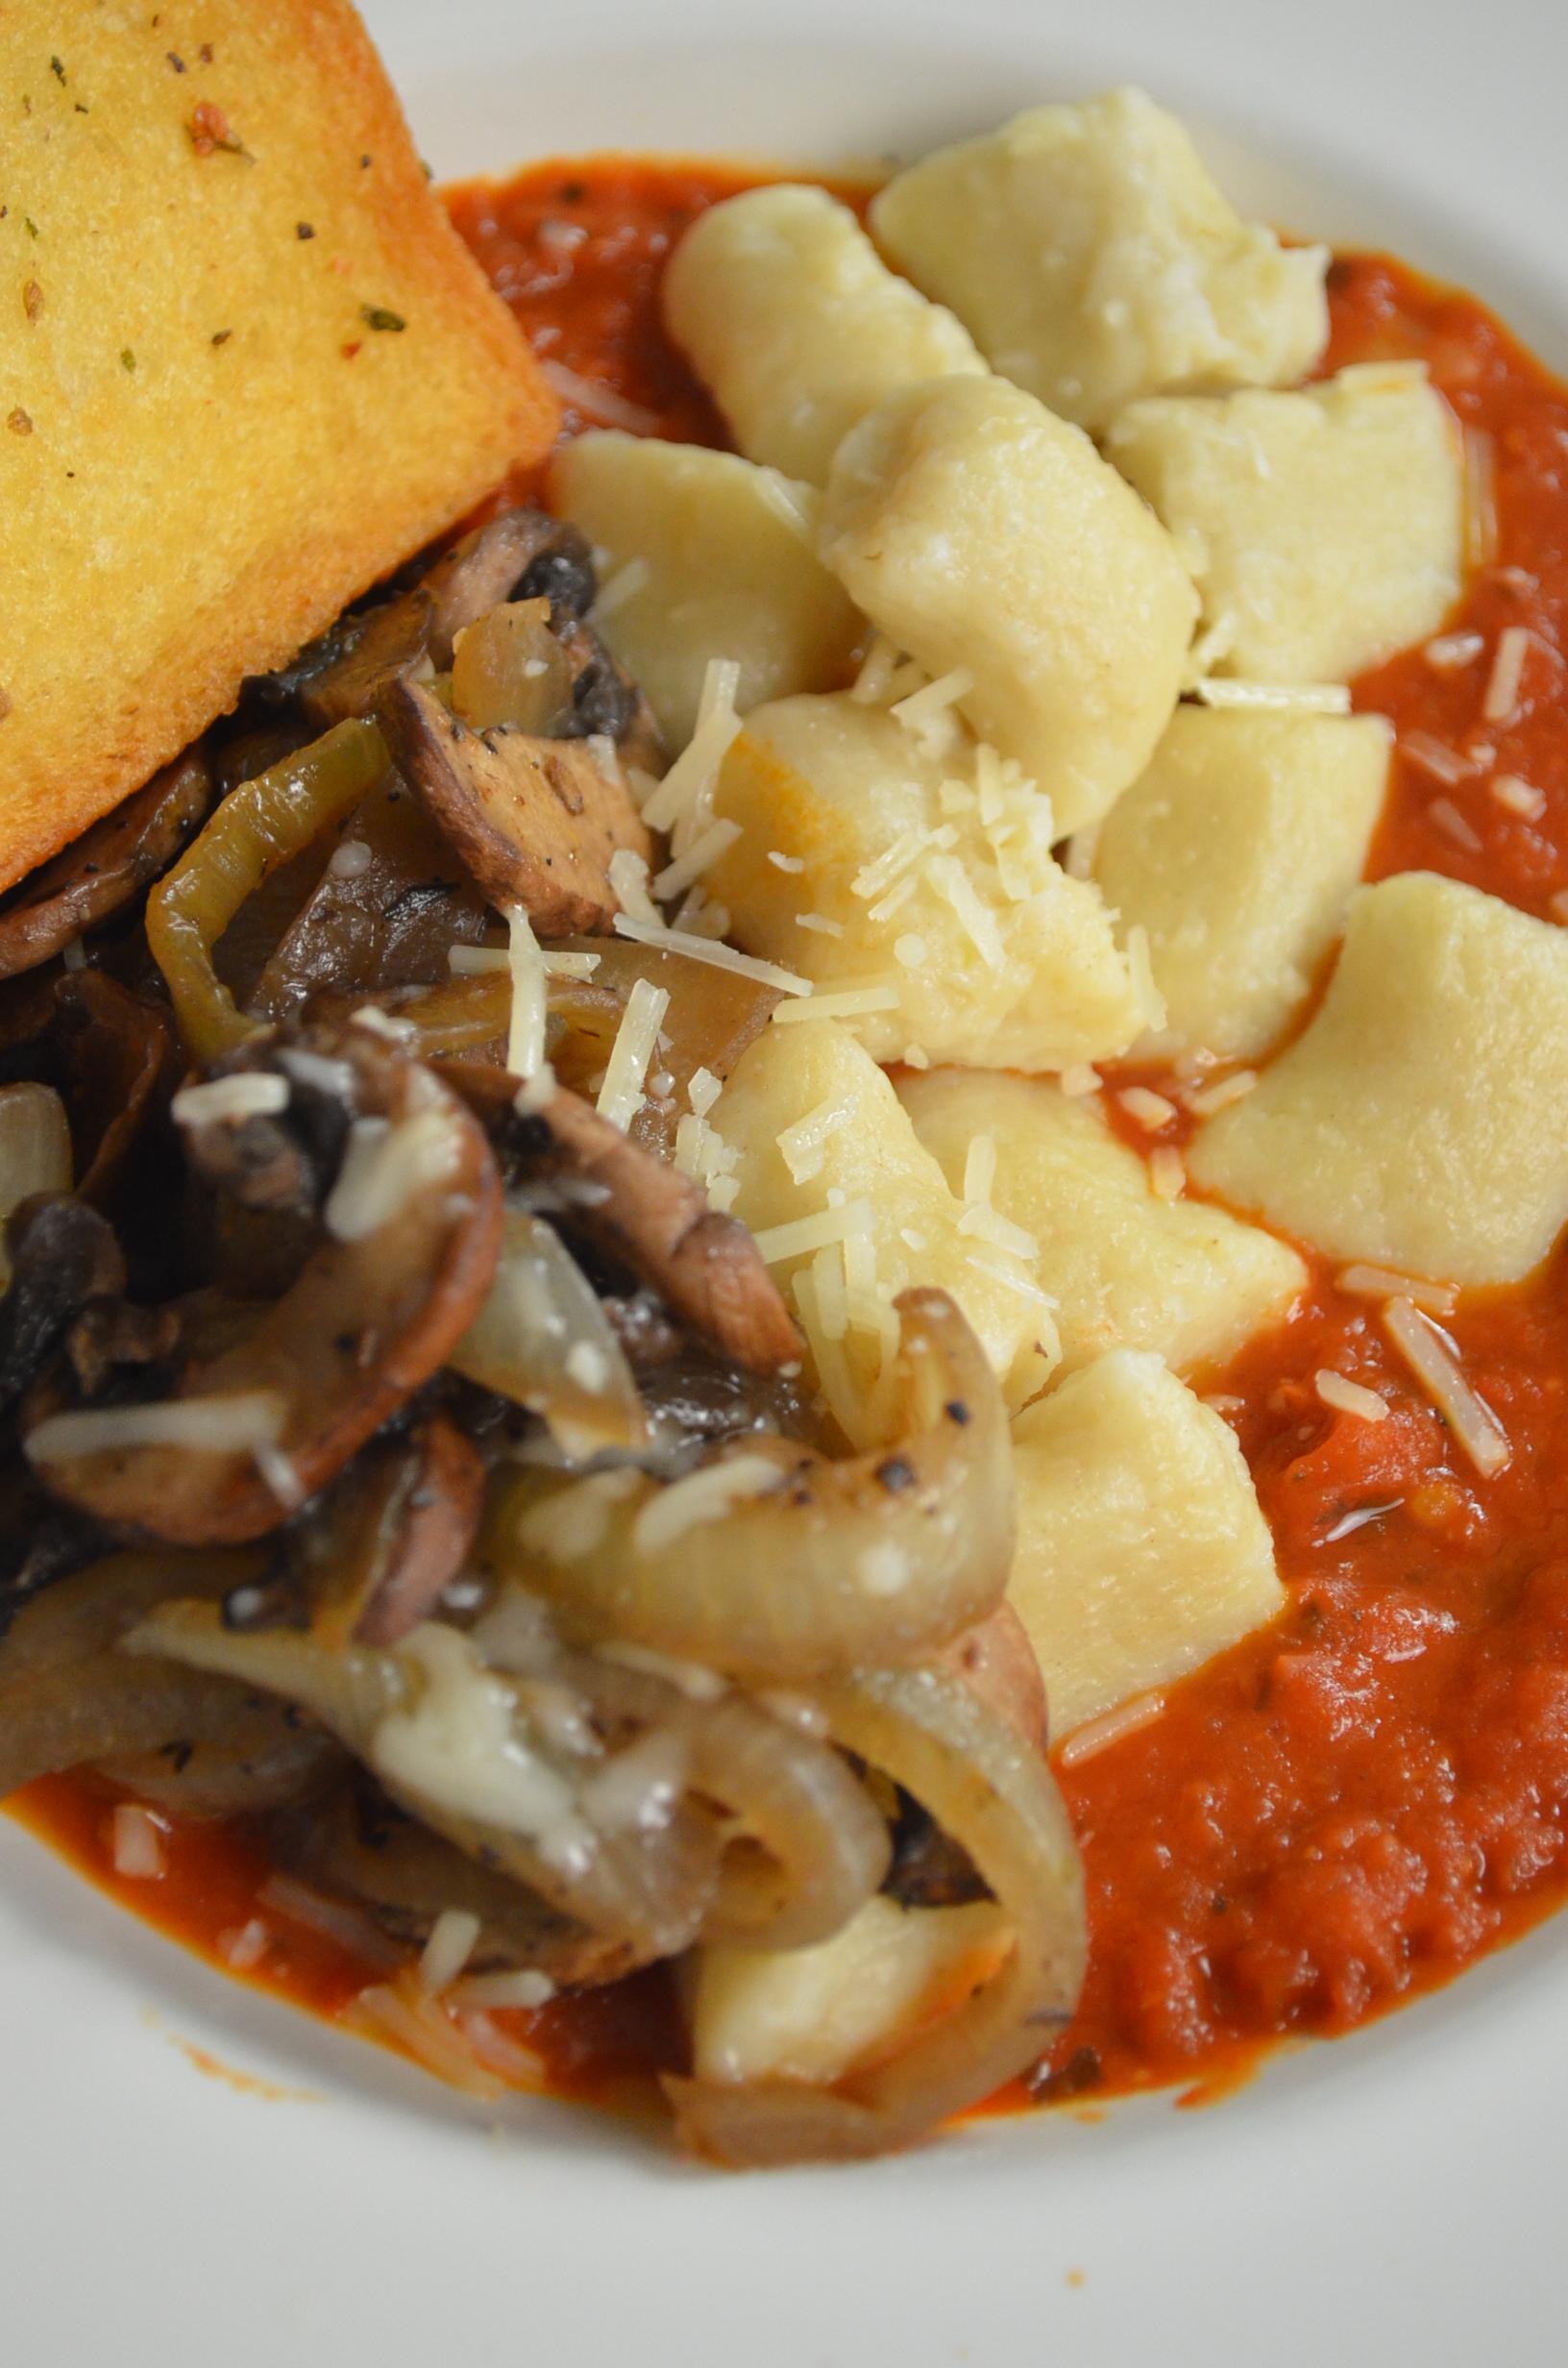 Homemade Potato Gnocchi in Tomato Sauce